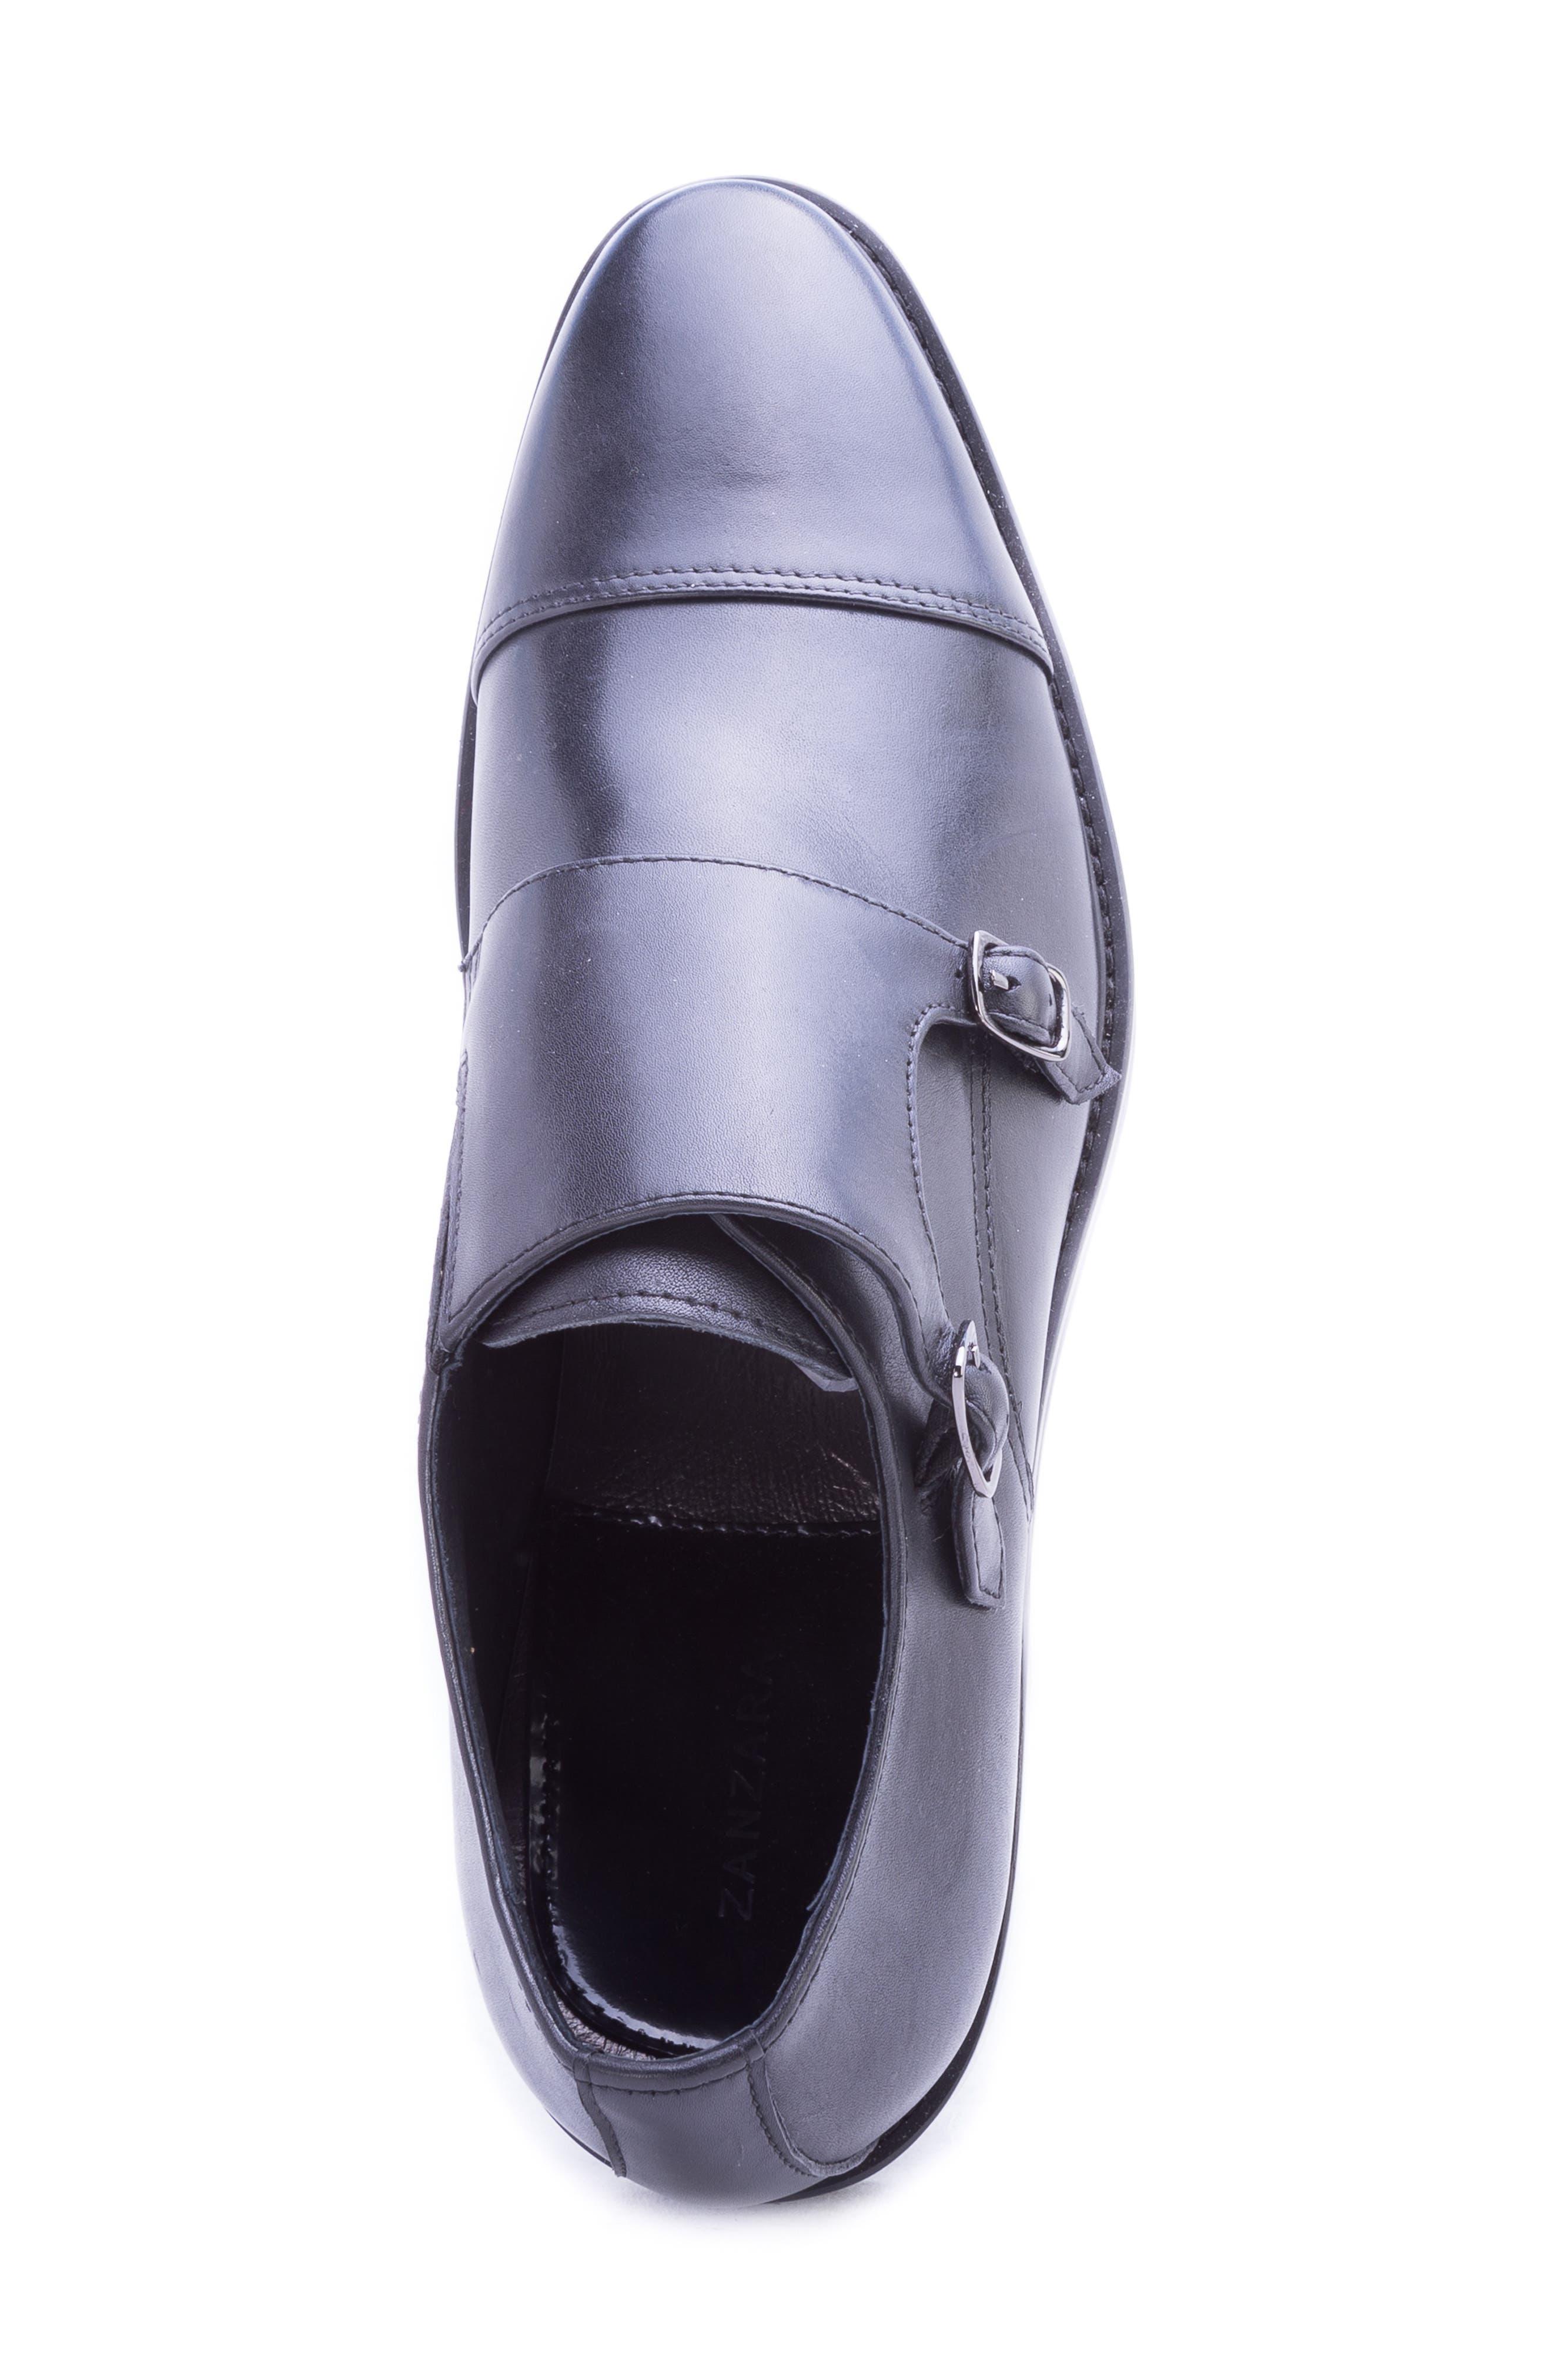 Catlett Double Monk Strap Shoe,                             Alternate thumbnail 5, color,                             BLACK LEATHER